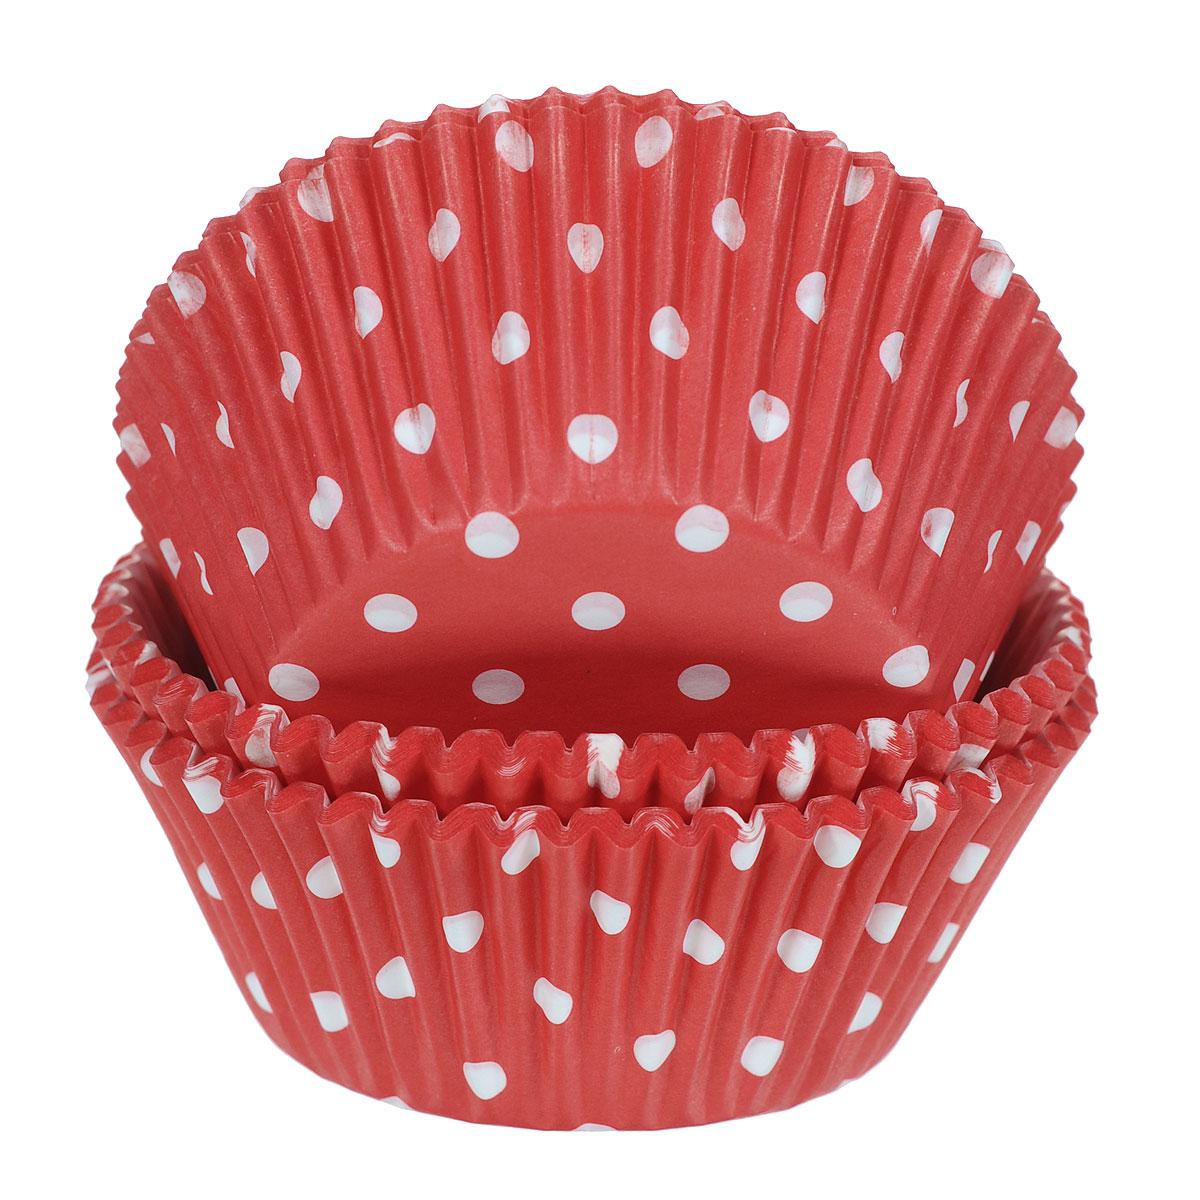 Набор бумажных форм для кексов Wilton Красный горох, диаметр 7 см, 75 штWLT-415-0148Бумажные формы Wilton Красный горох используются для выпечки, украшения и упаковки кондитерских изделий, сервировки конфет, орешков, десертов. Края форм гофрированные. С такими формами вы всегда сможете порадовать своих близких оригинальной выпечкой.